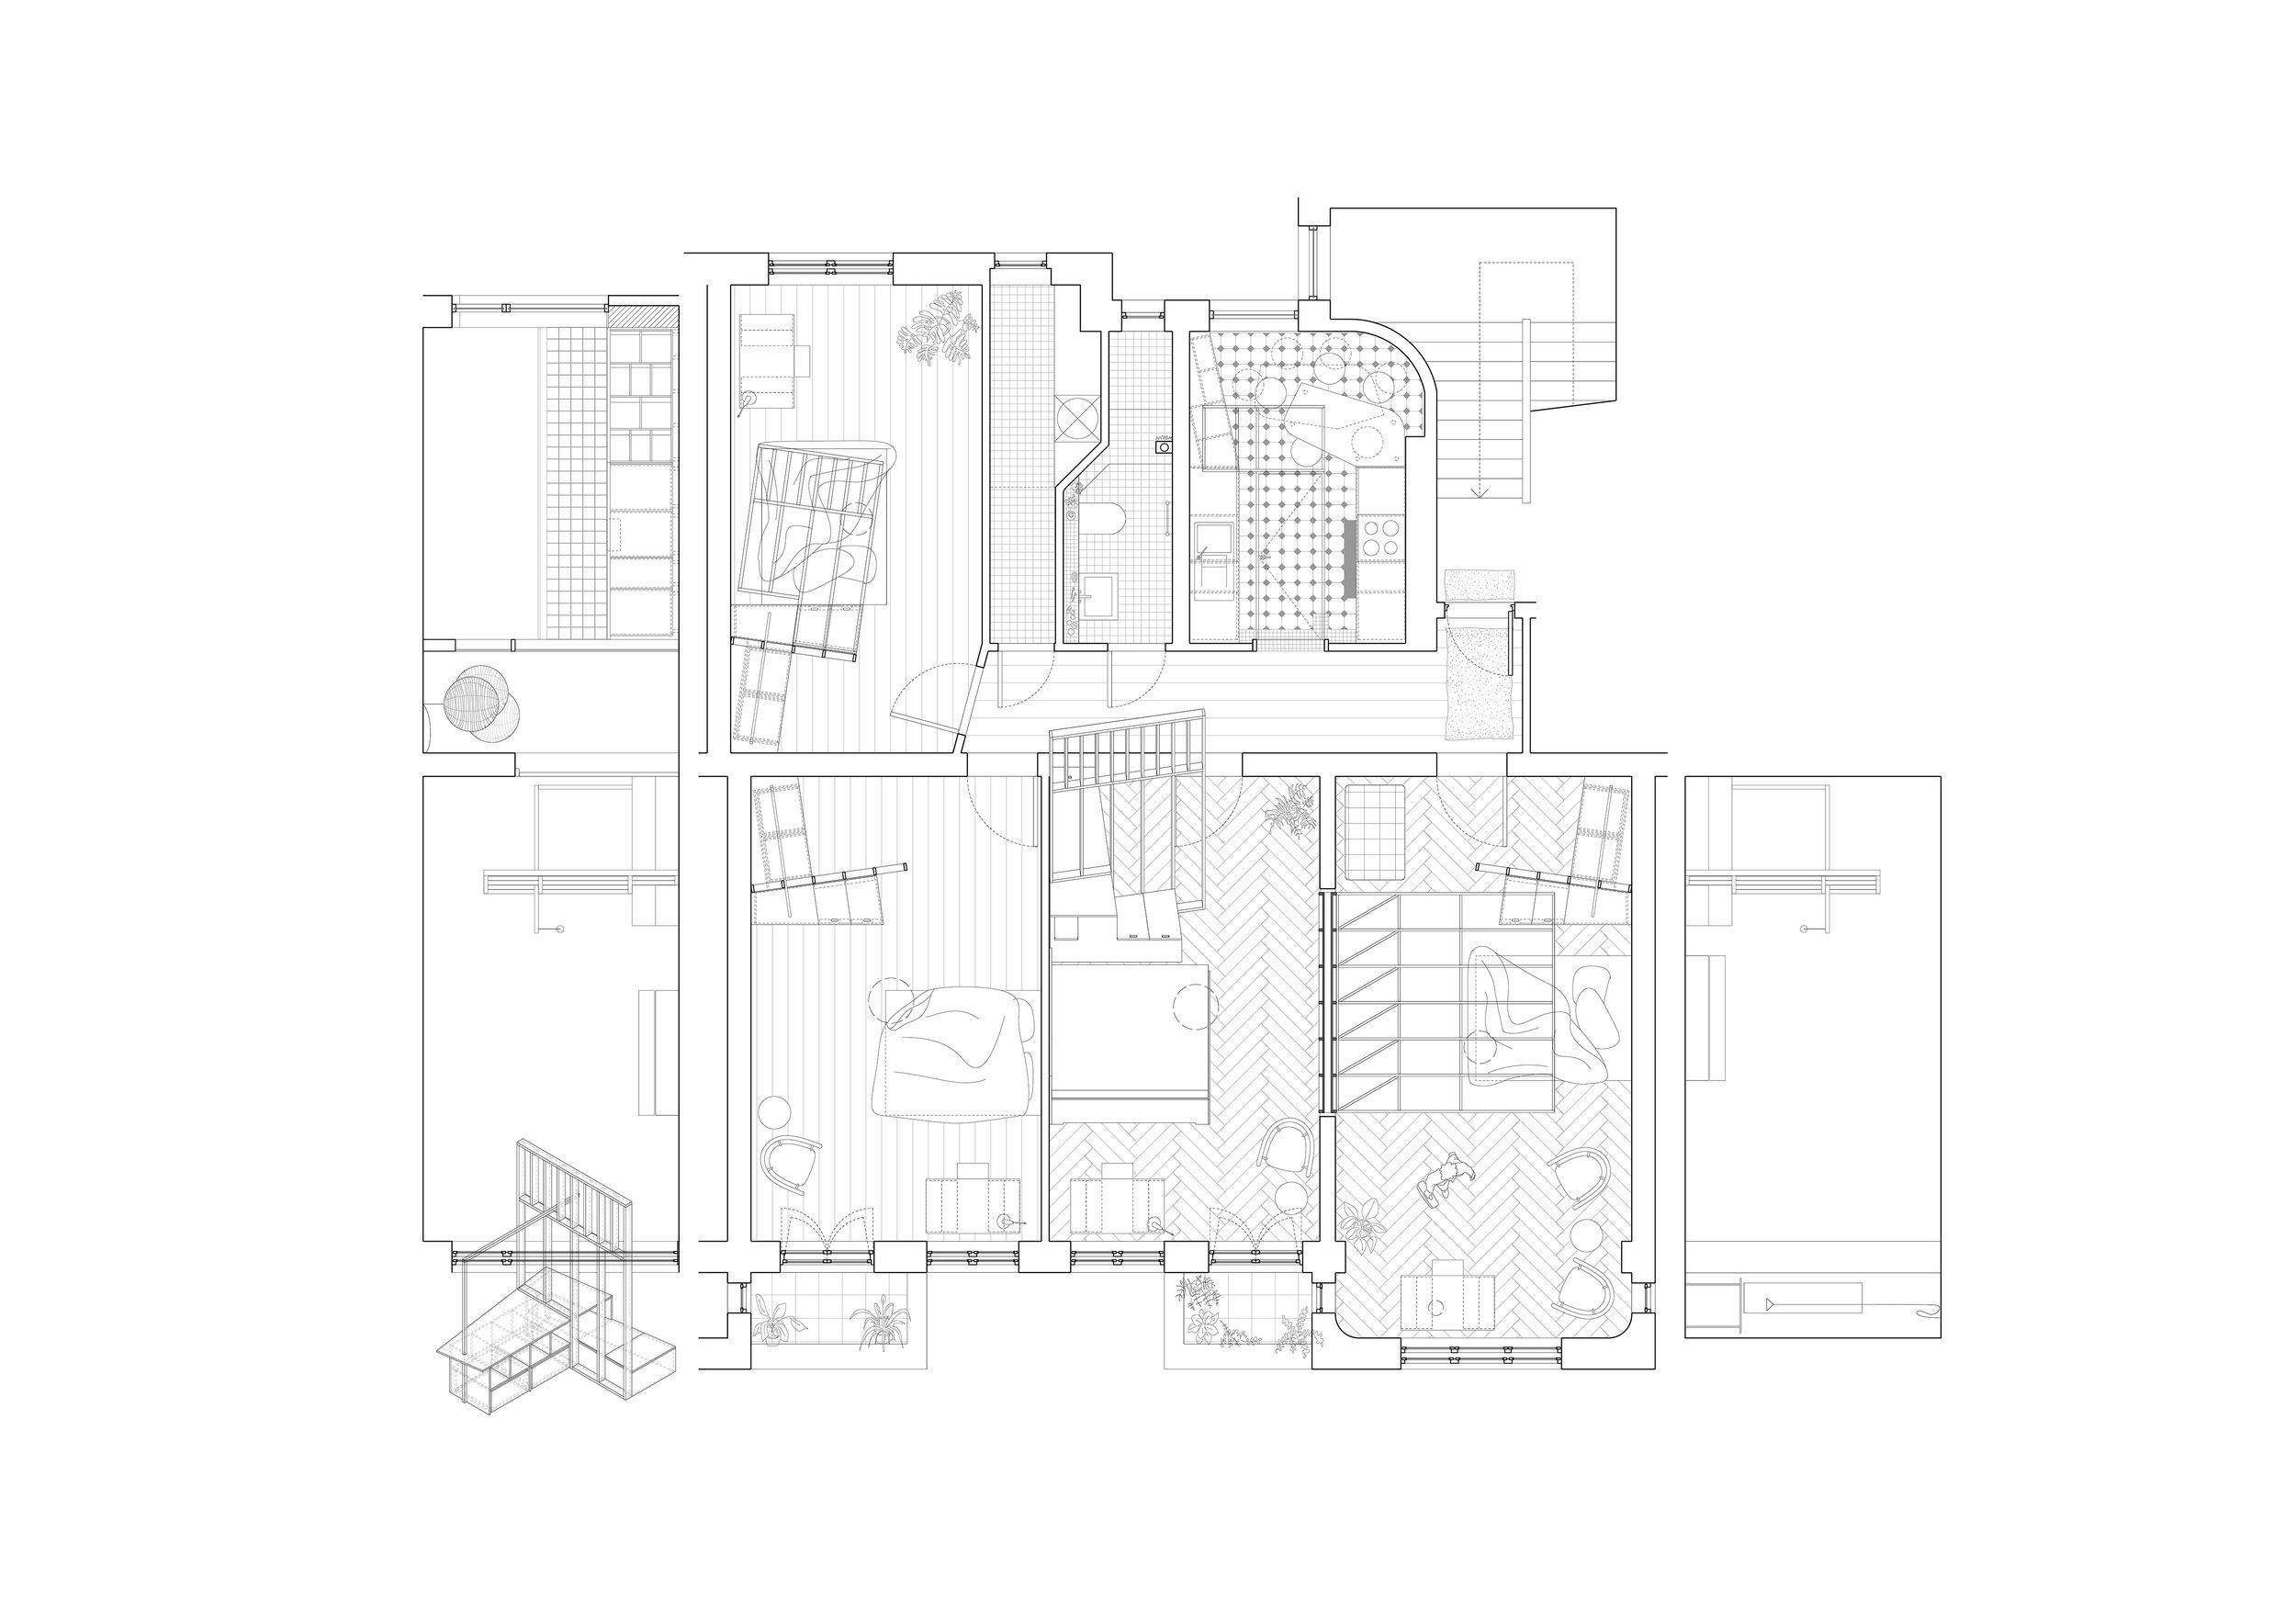 HPL_Plan_150dpi.jpg